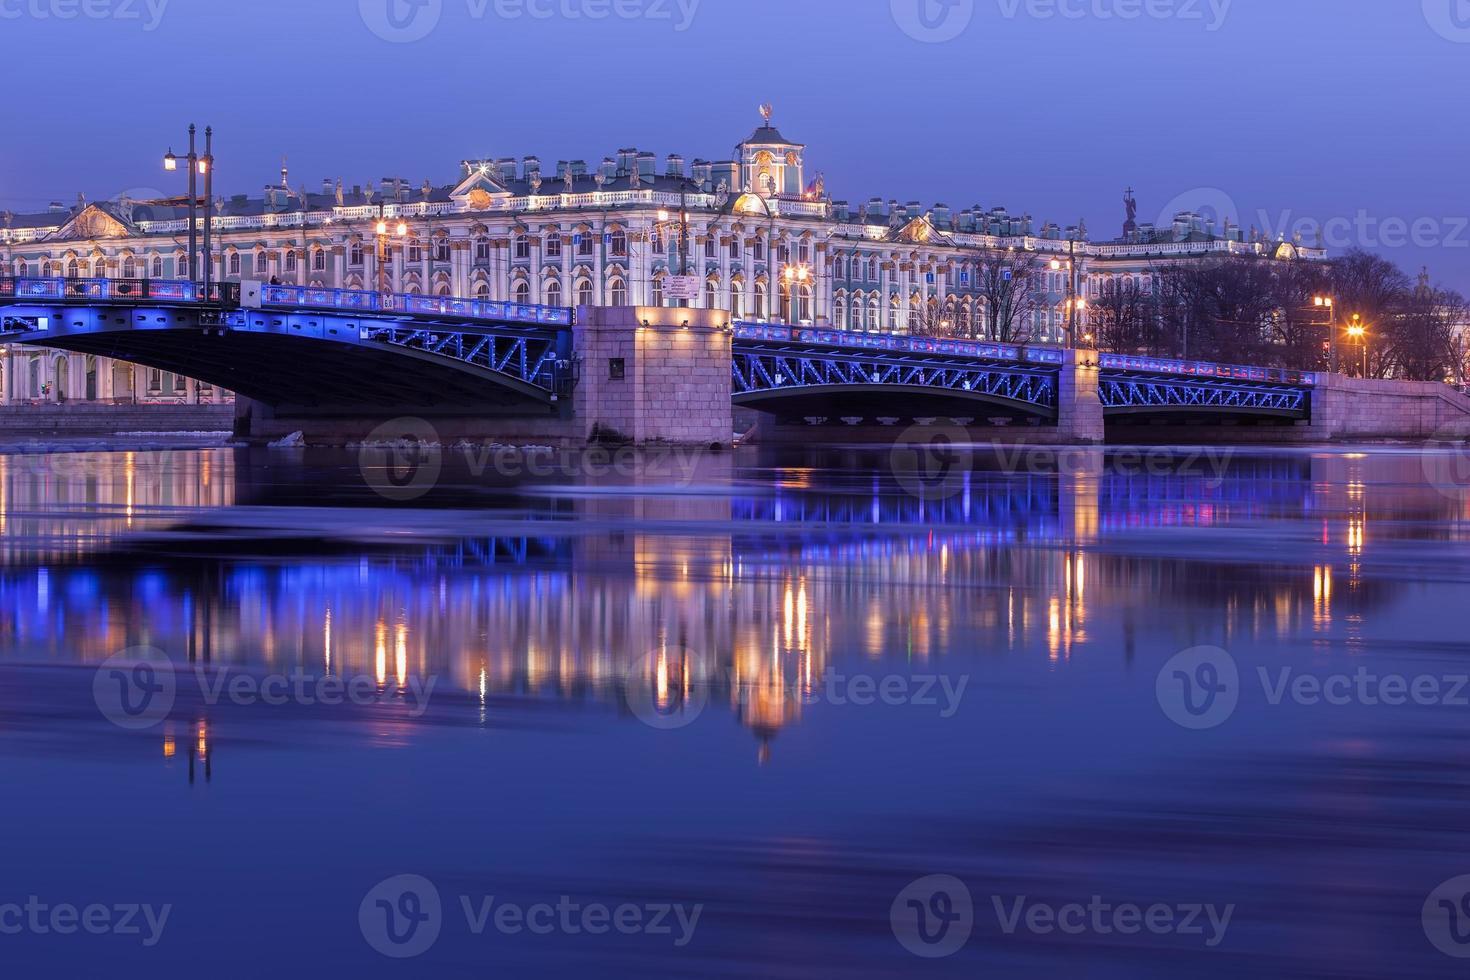 Palastbrücke und Einsiedelei in der Nacht, st. Petersburg foto